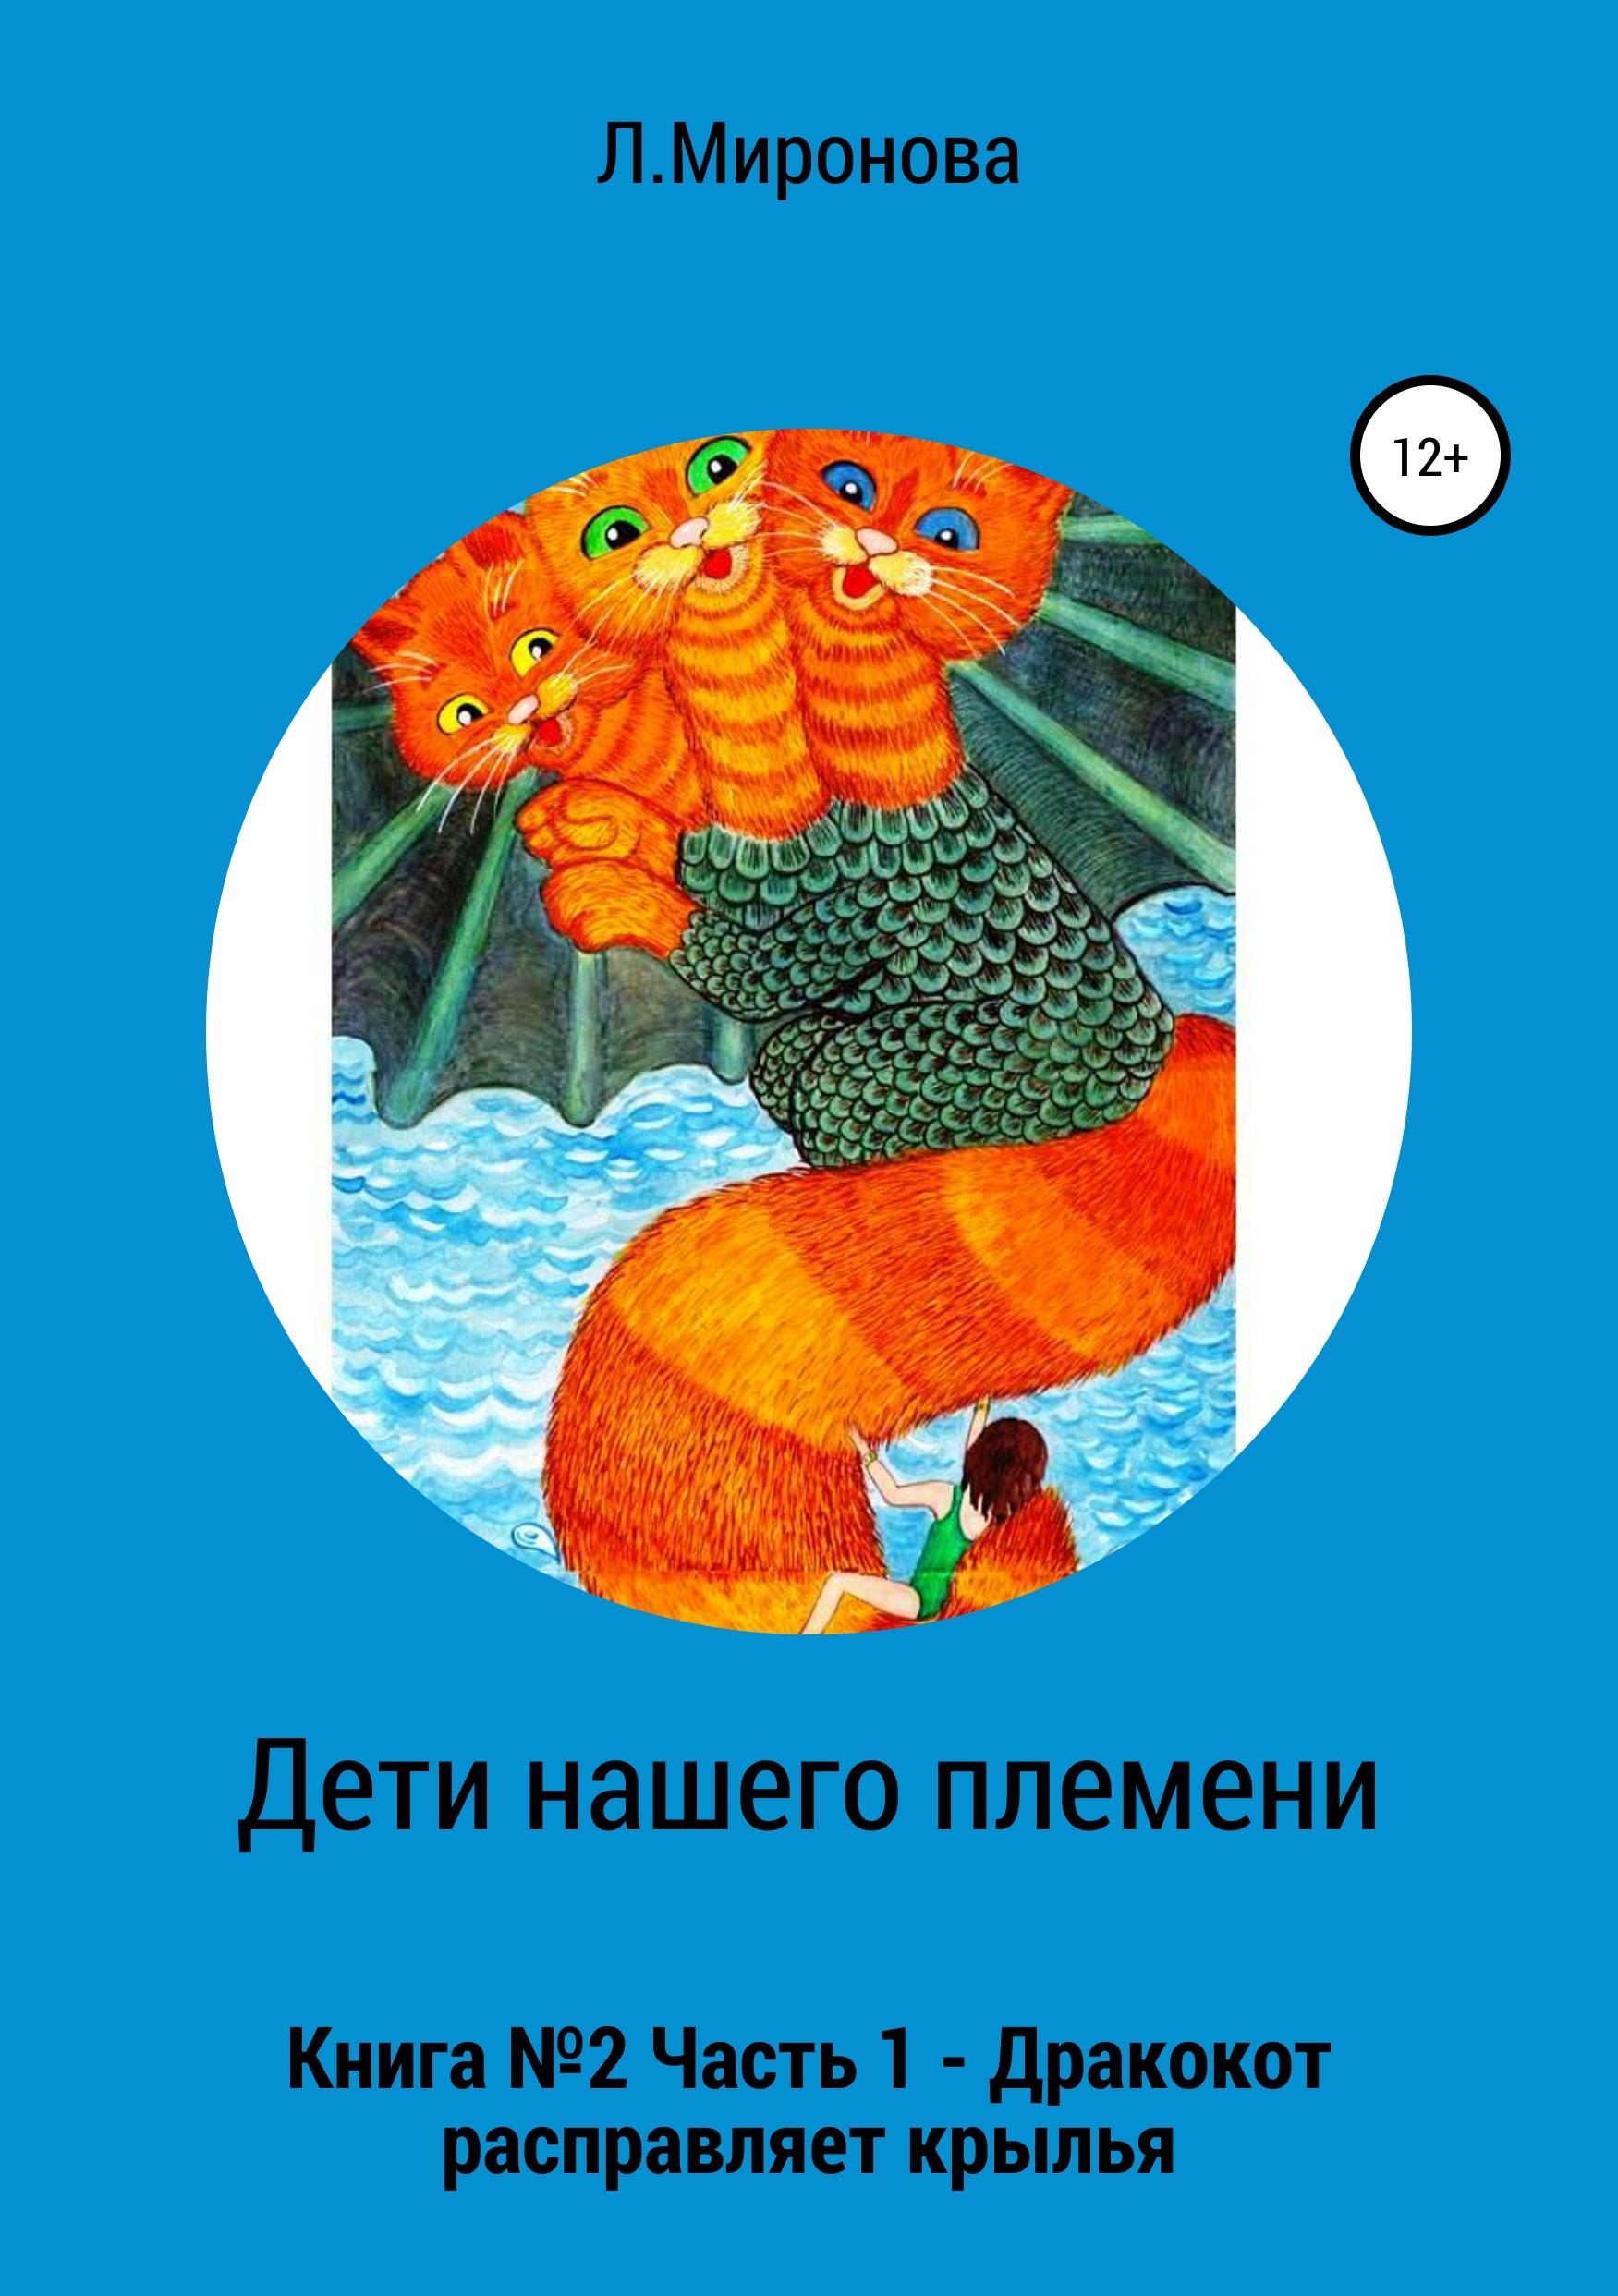 Людмила Миронова - Дети нашего племени. Книга №2. Часть 1